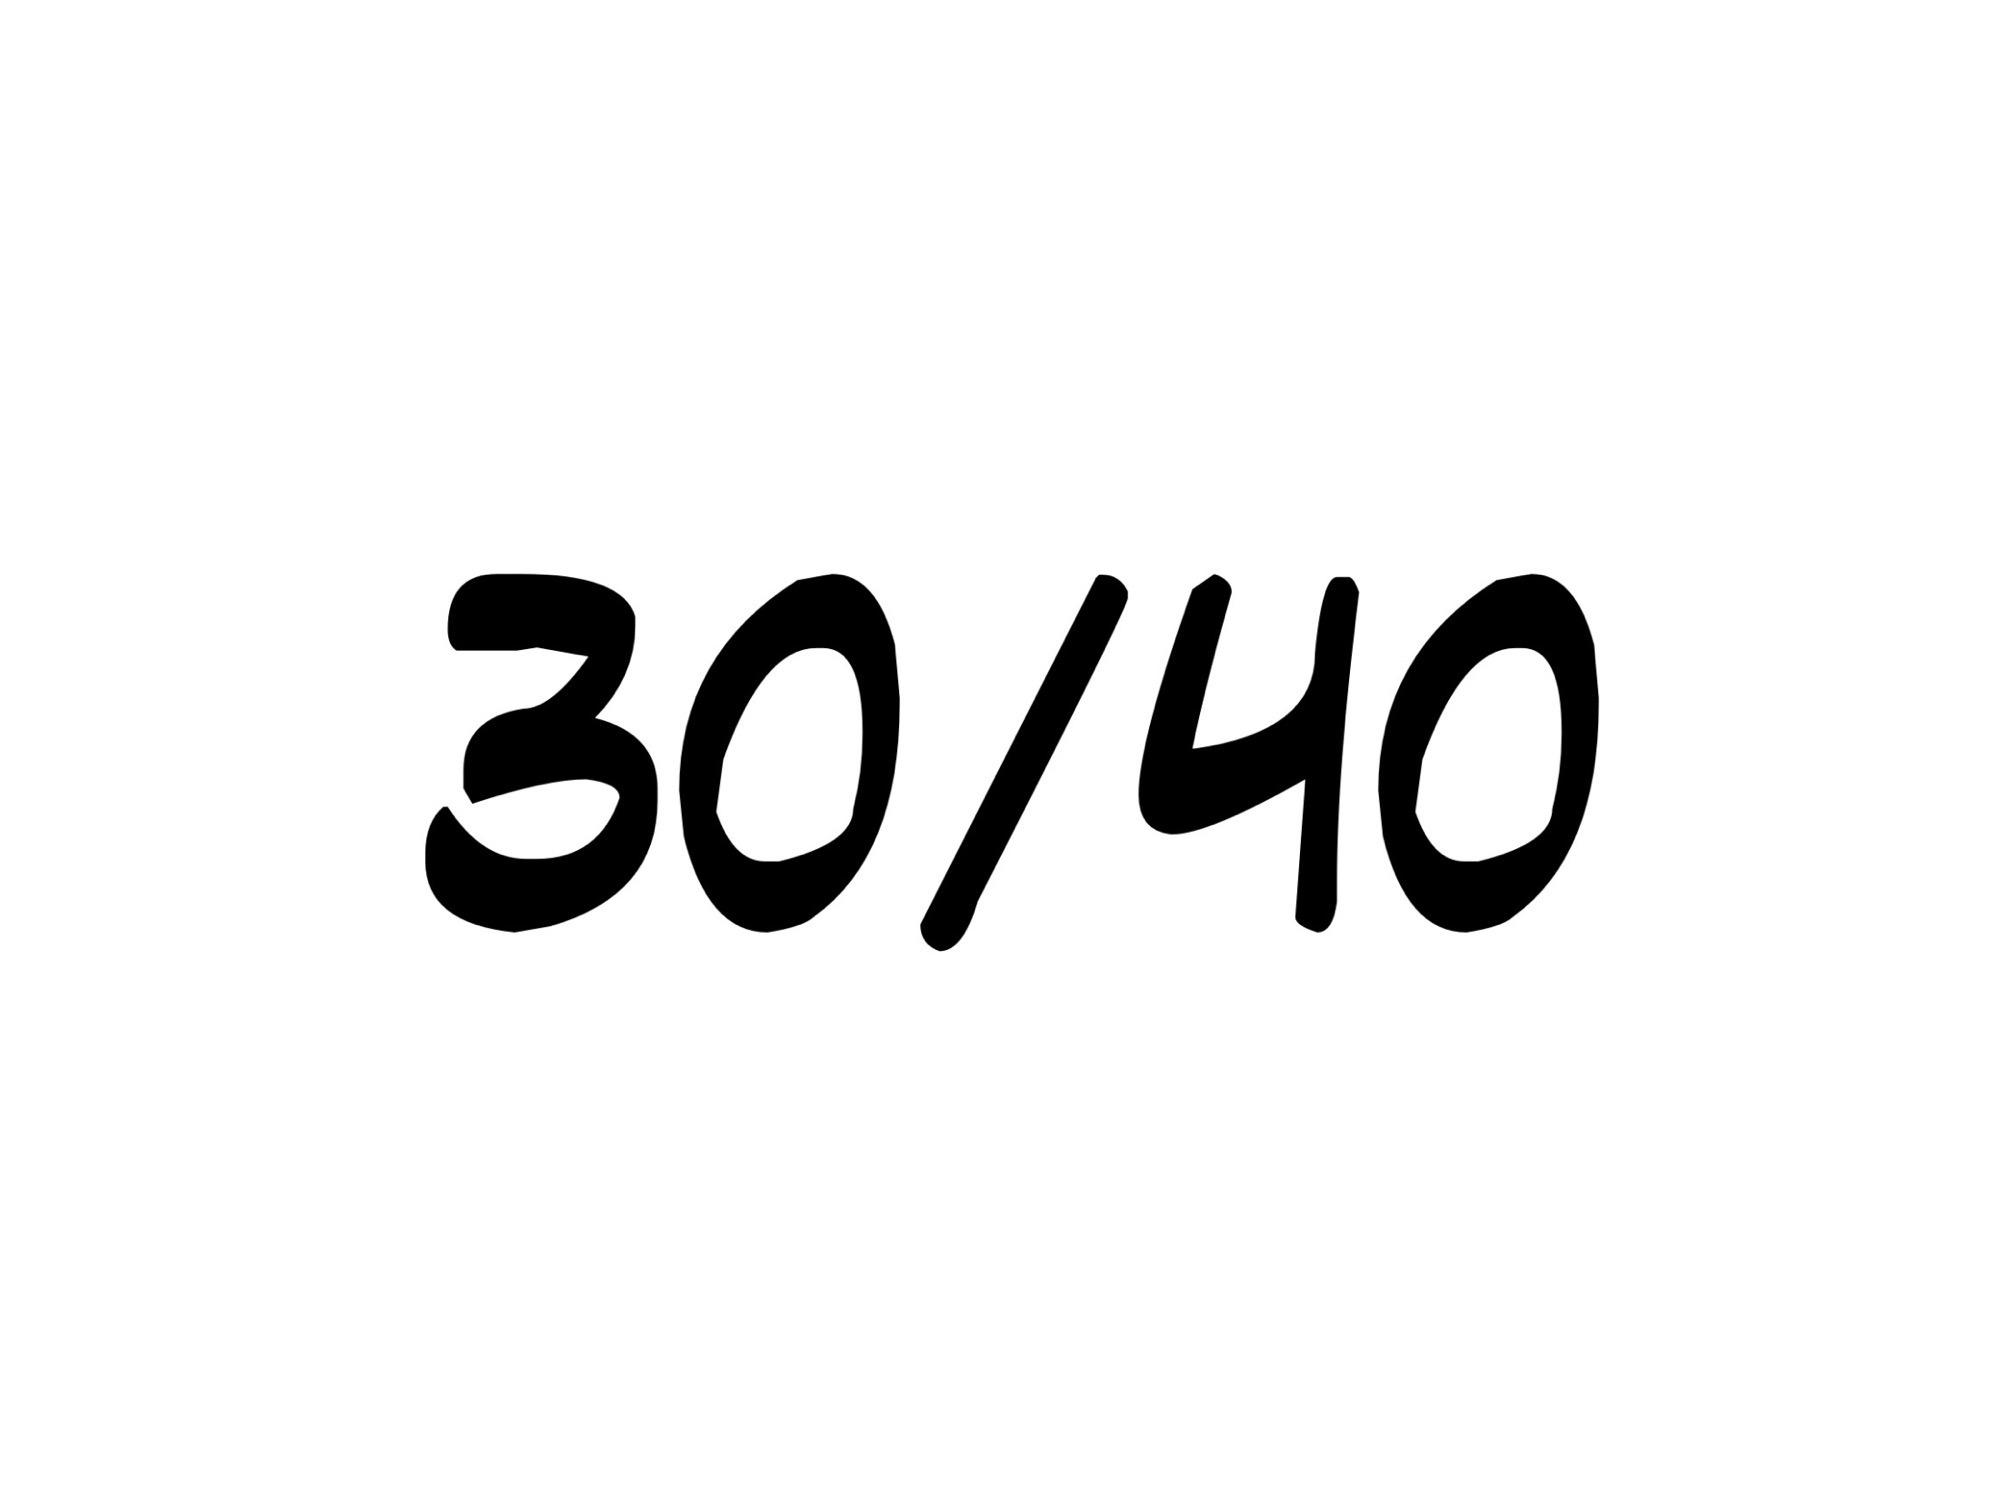 44da3fe2-71e8-4089-b11c-9510e79b597a_ori